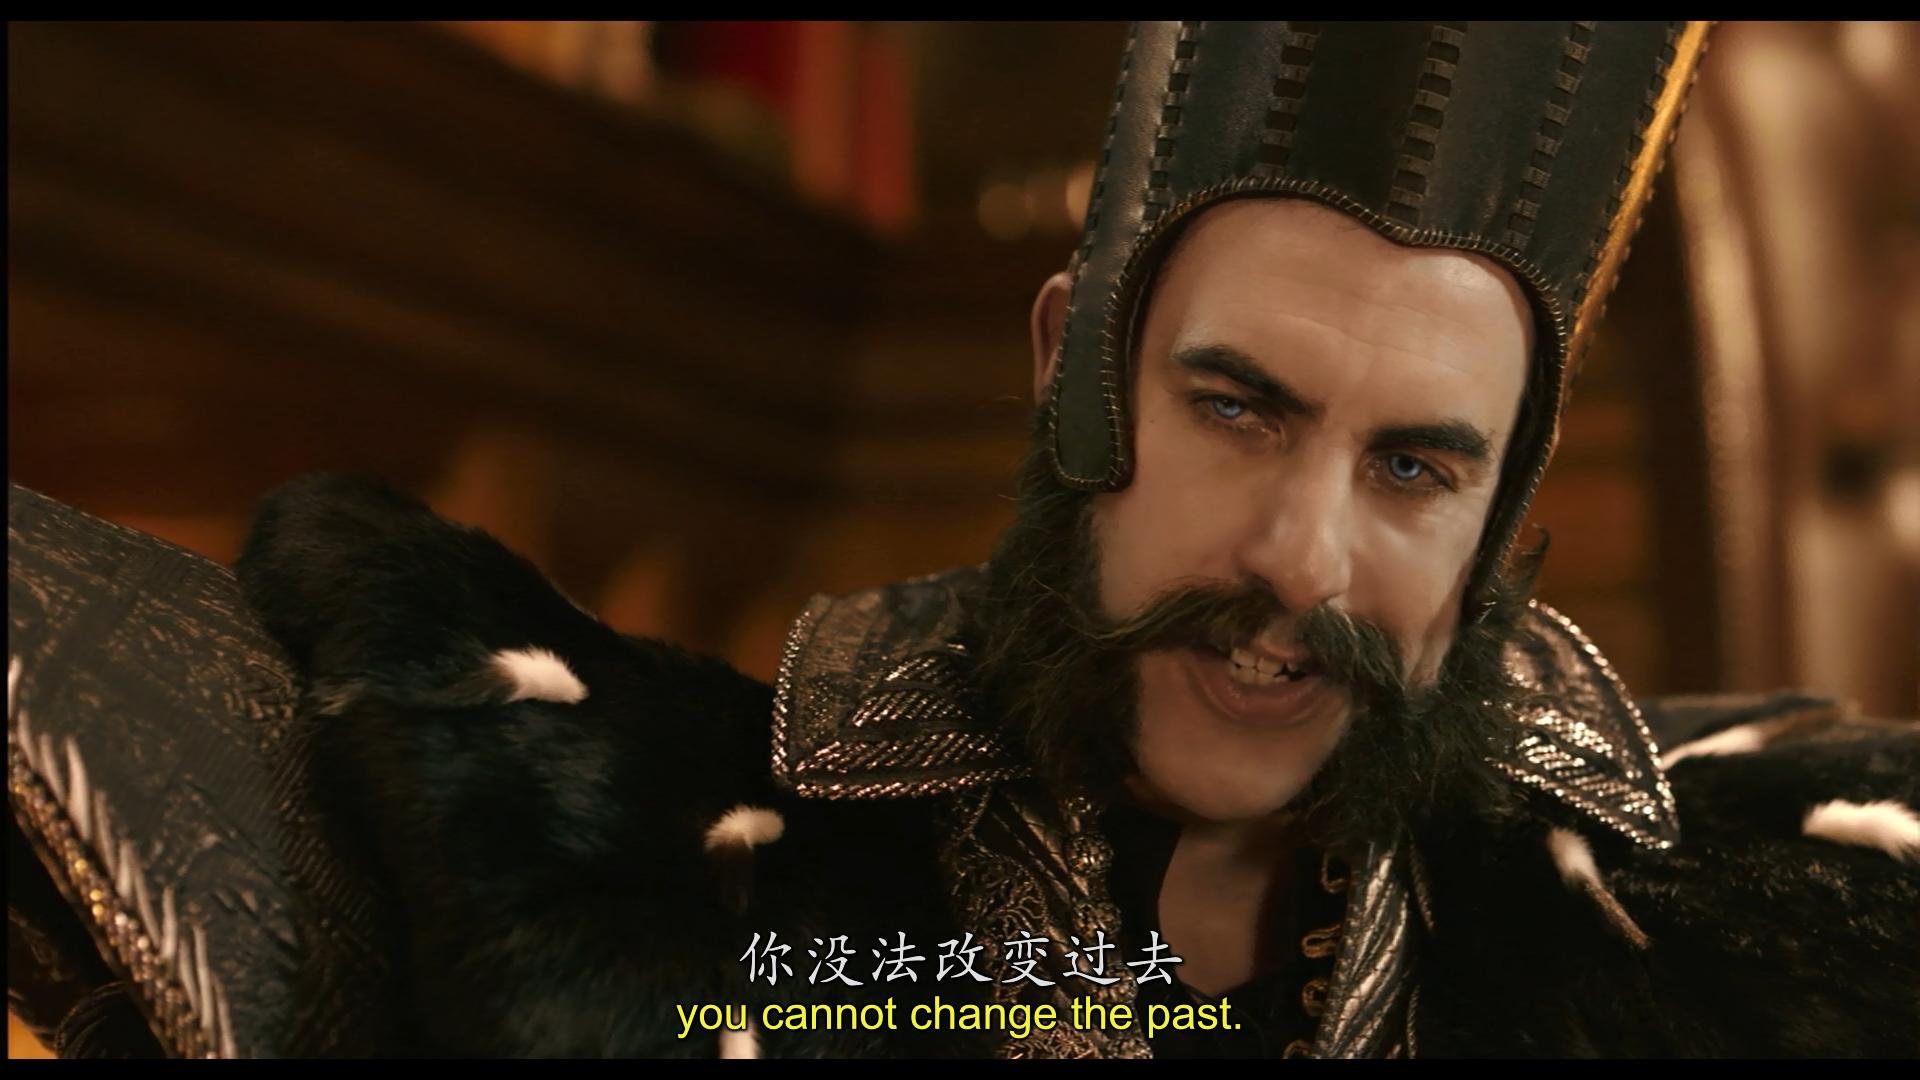 subtitle in movie